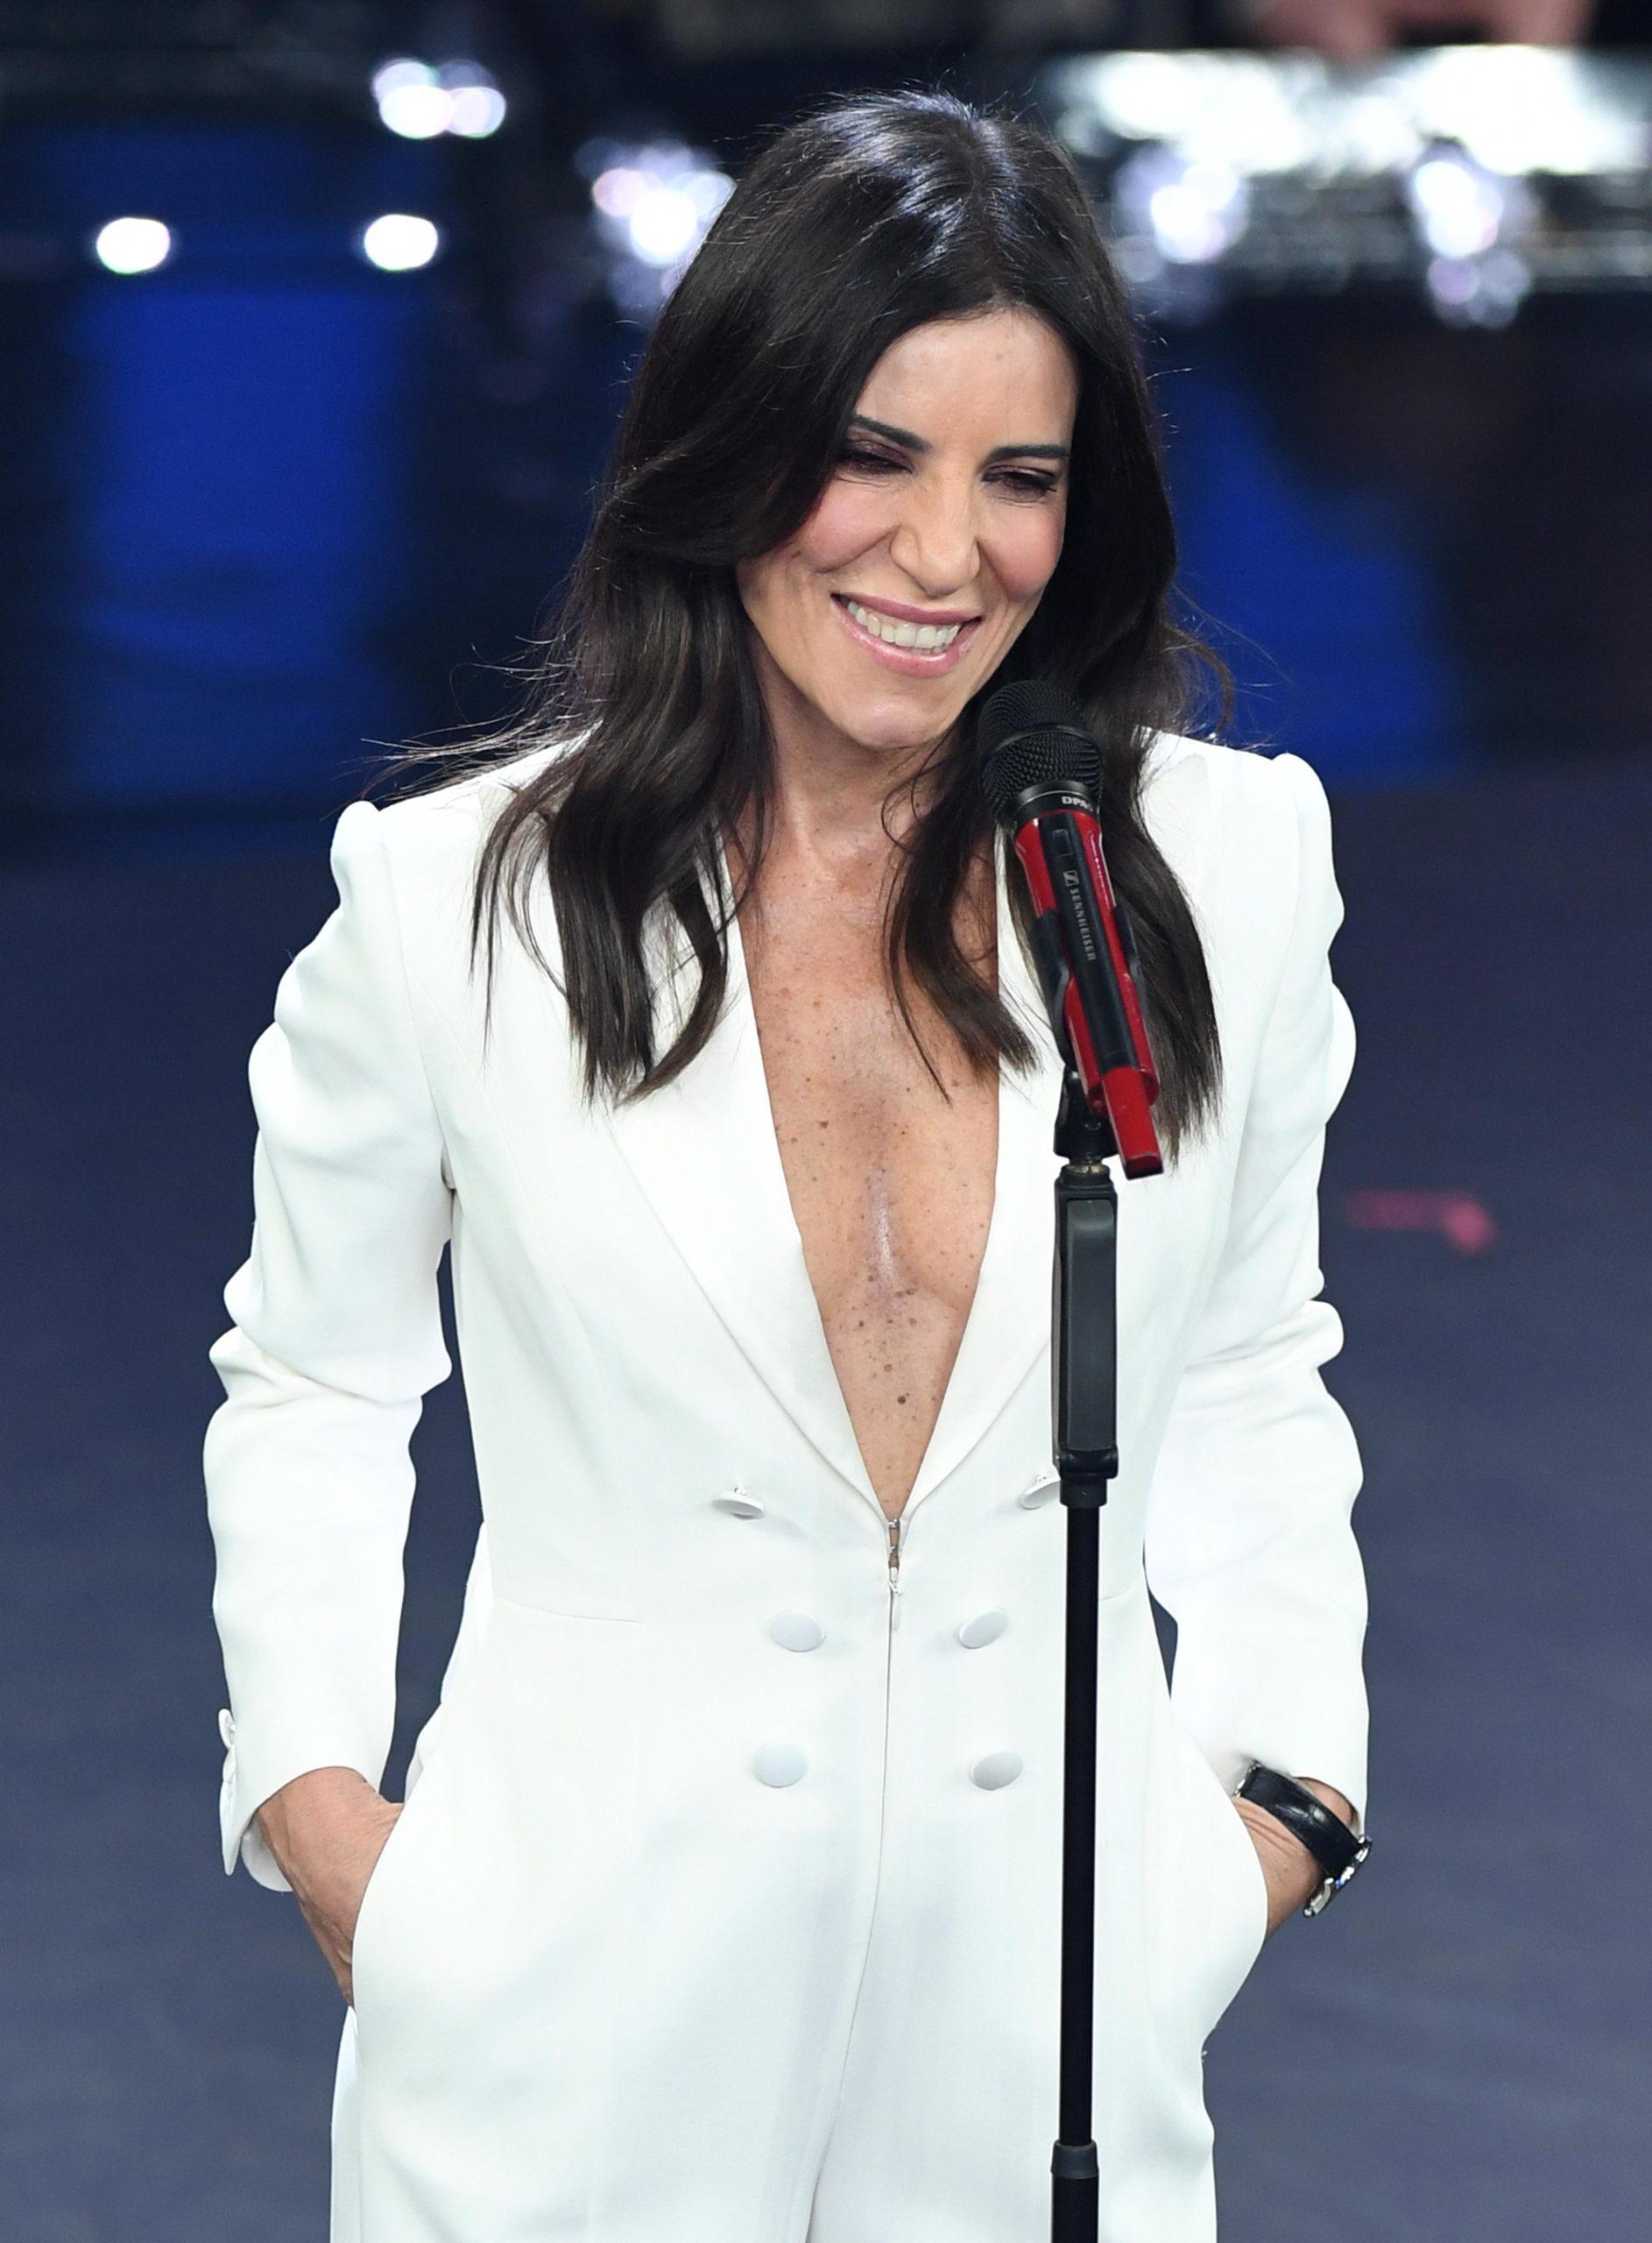 Il beauty look di Paola Turci durante la prima serata di Sanremo 2019